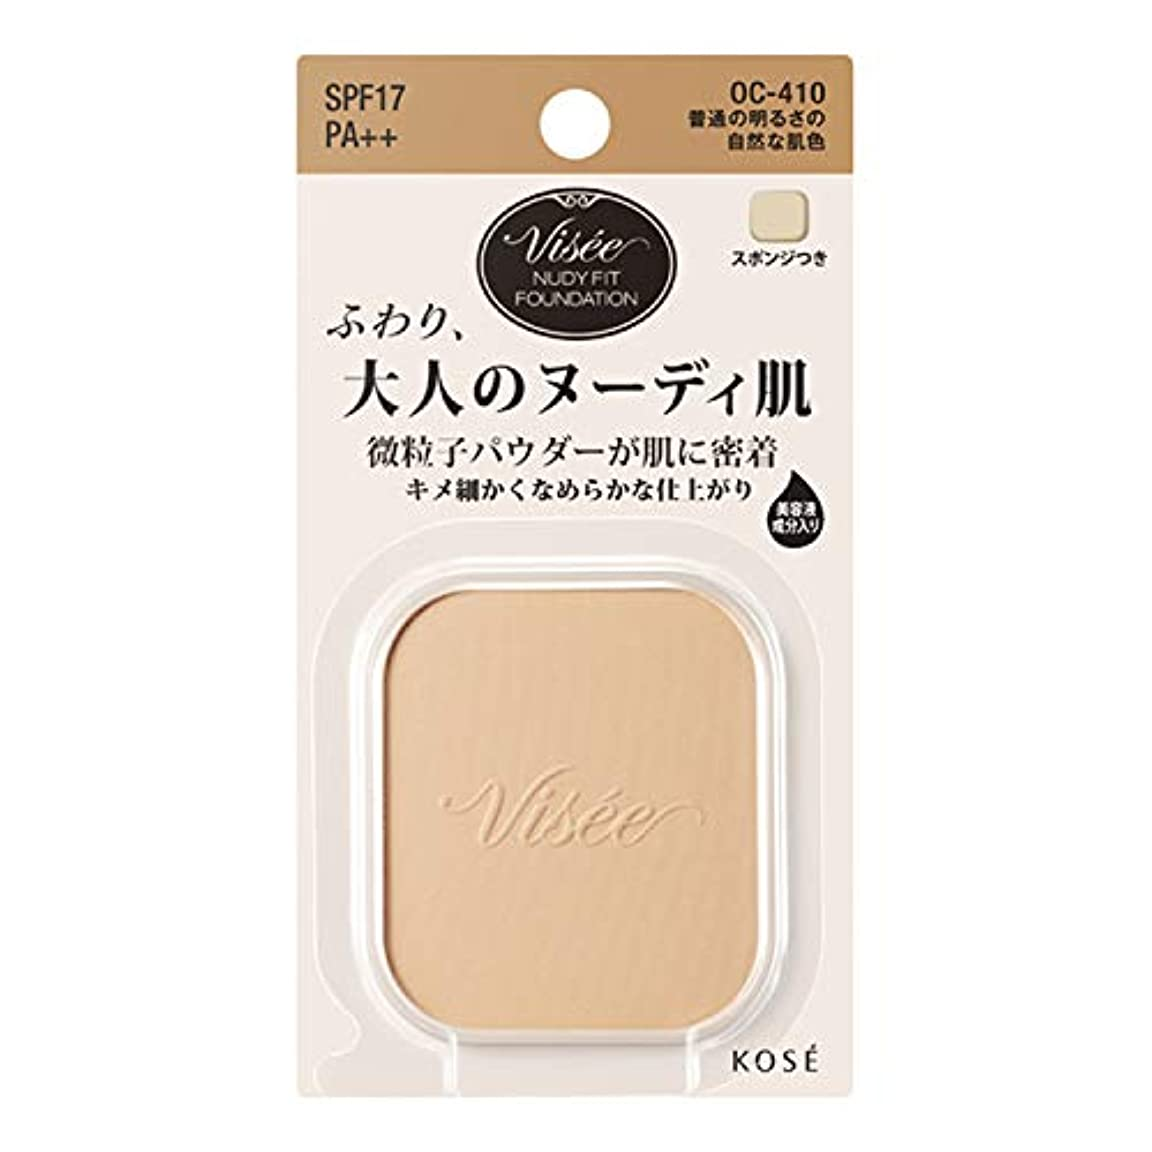 最もアラーム味ヴィセ リシェ ヌーディフィット ファンデーション 普通の明るさの自然な肌色 OC-410 10g